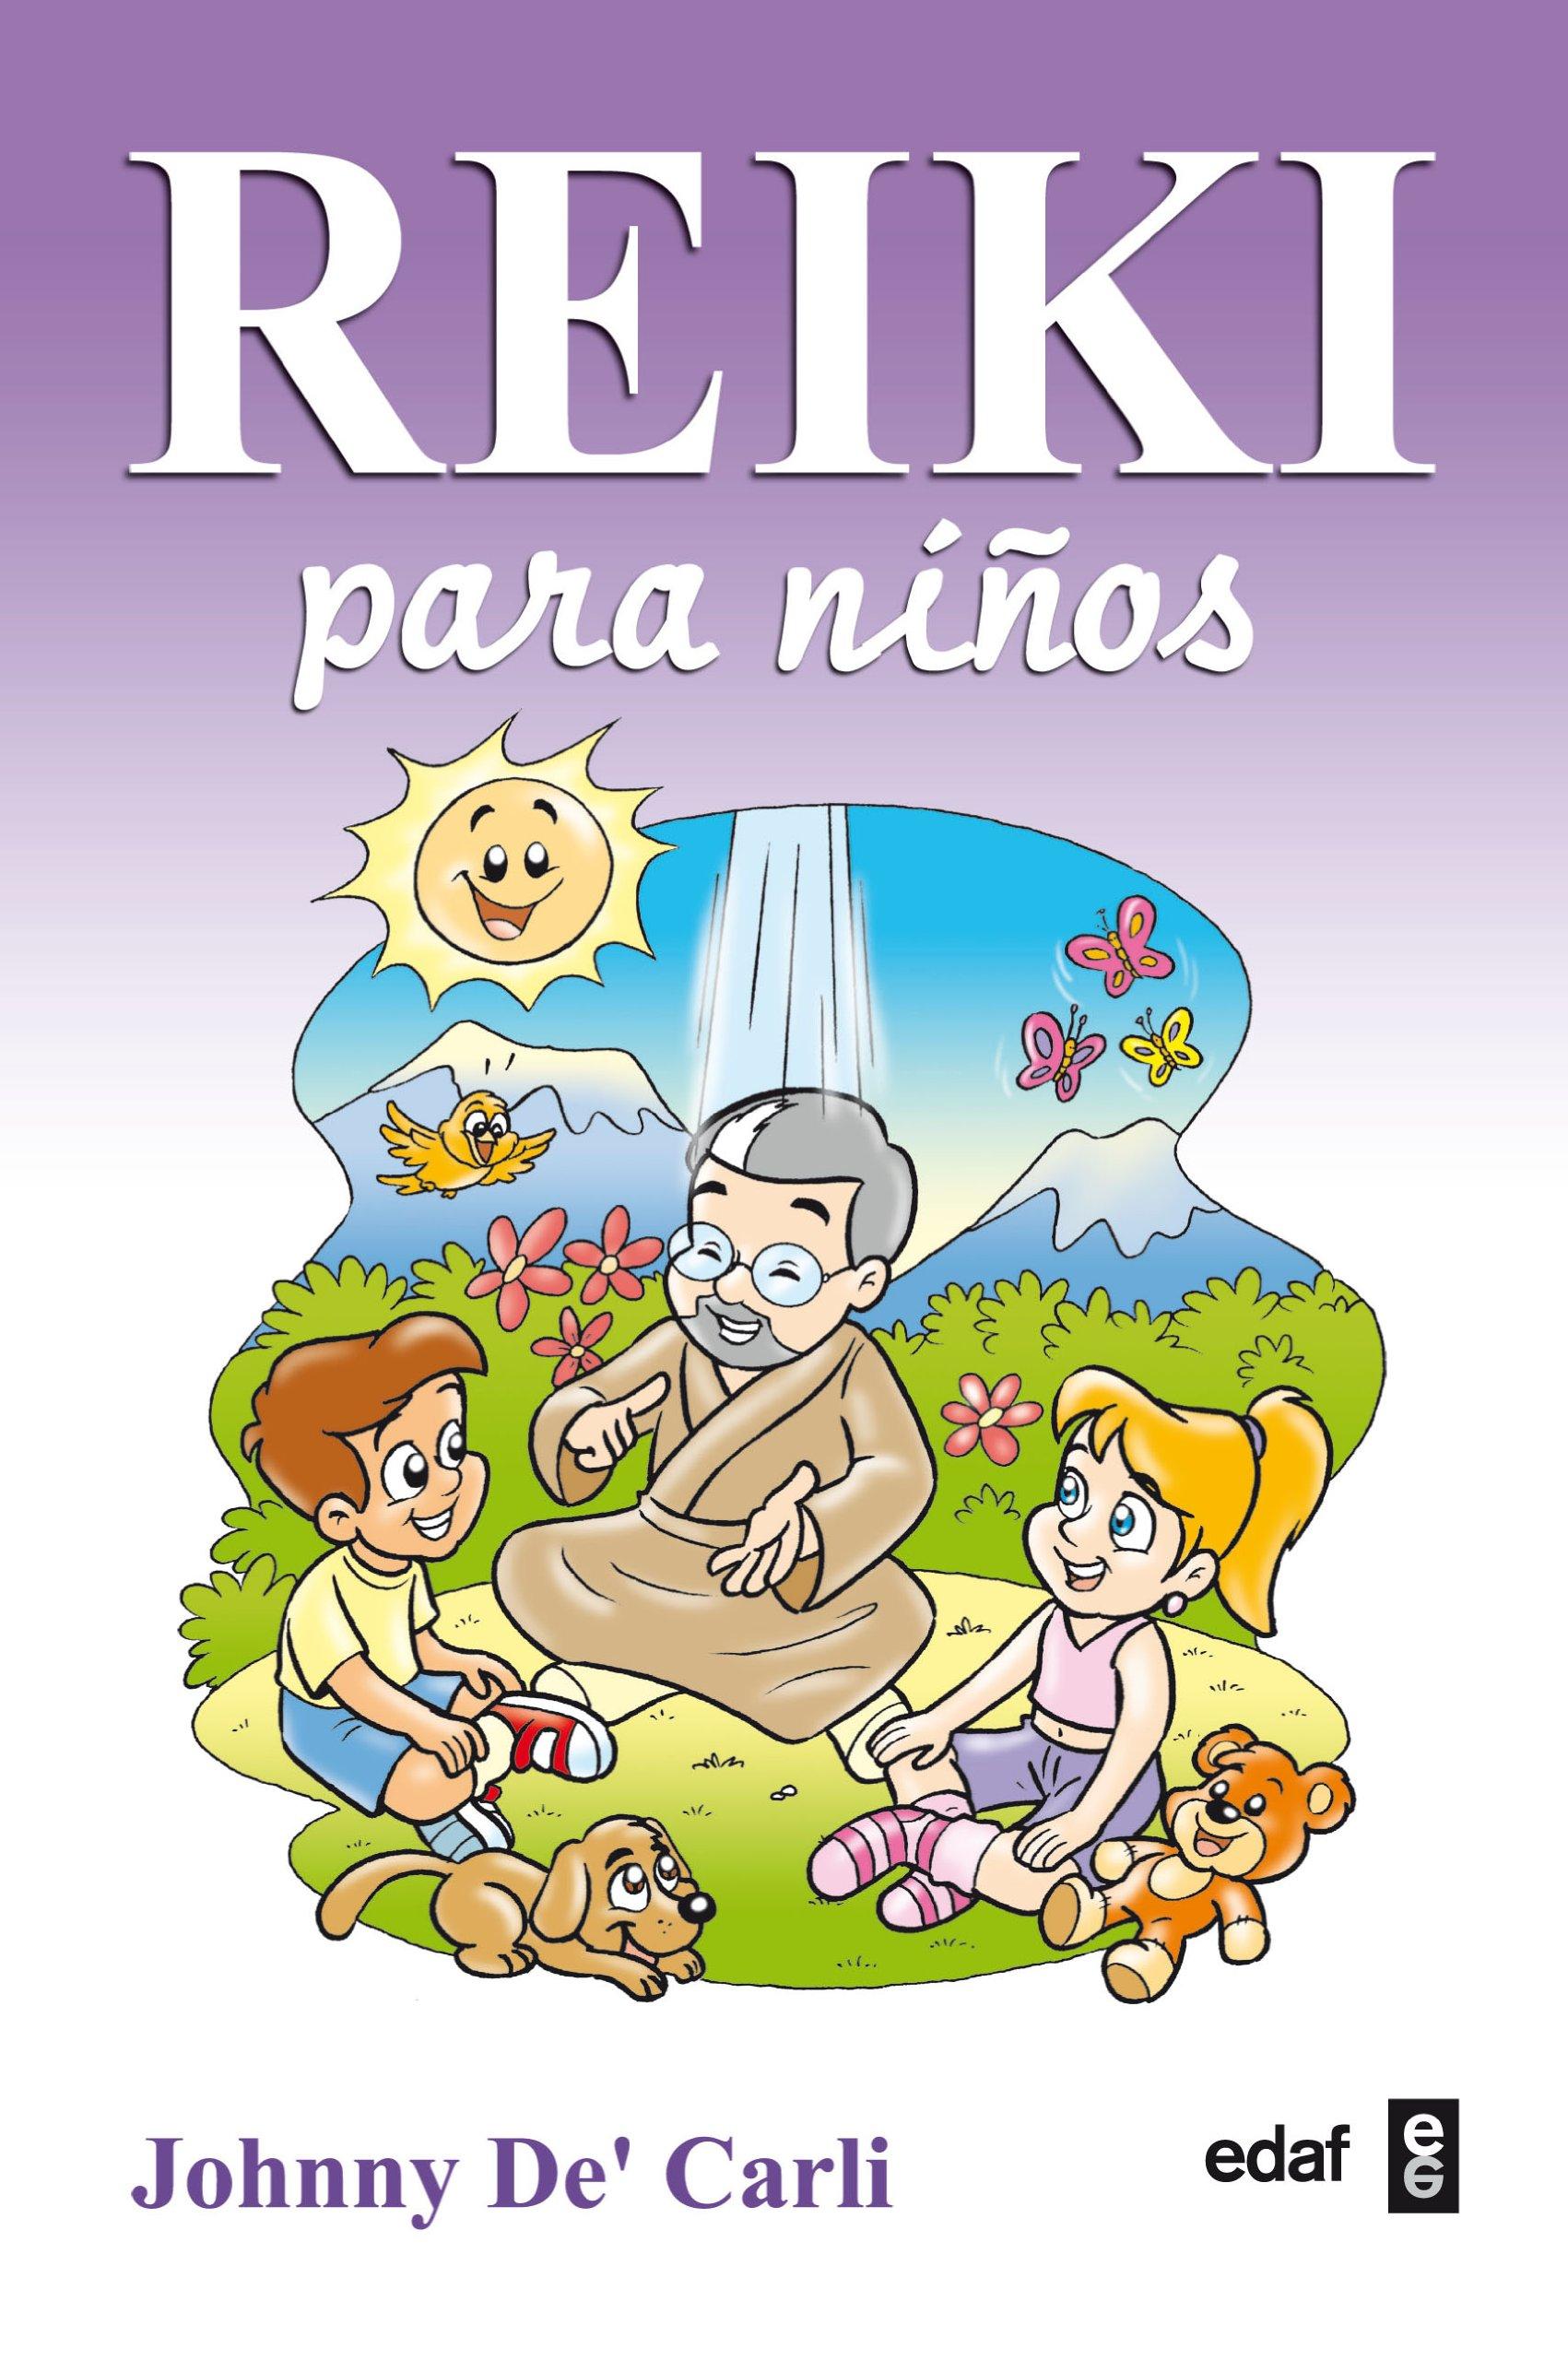 Reiki Para Niños (Nueva era): Amazon.es: De Carli, Johnny, Vázquez Alonso, Mariano: Libros